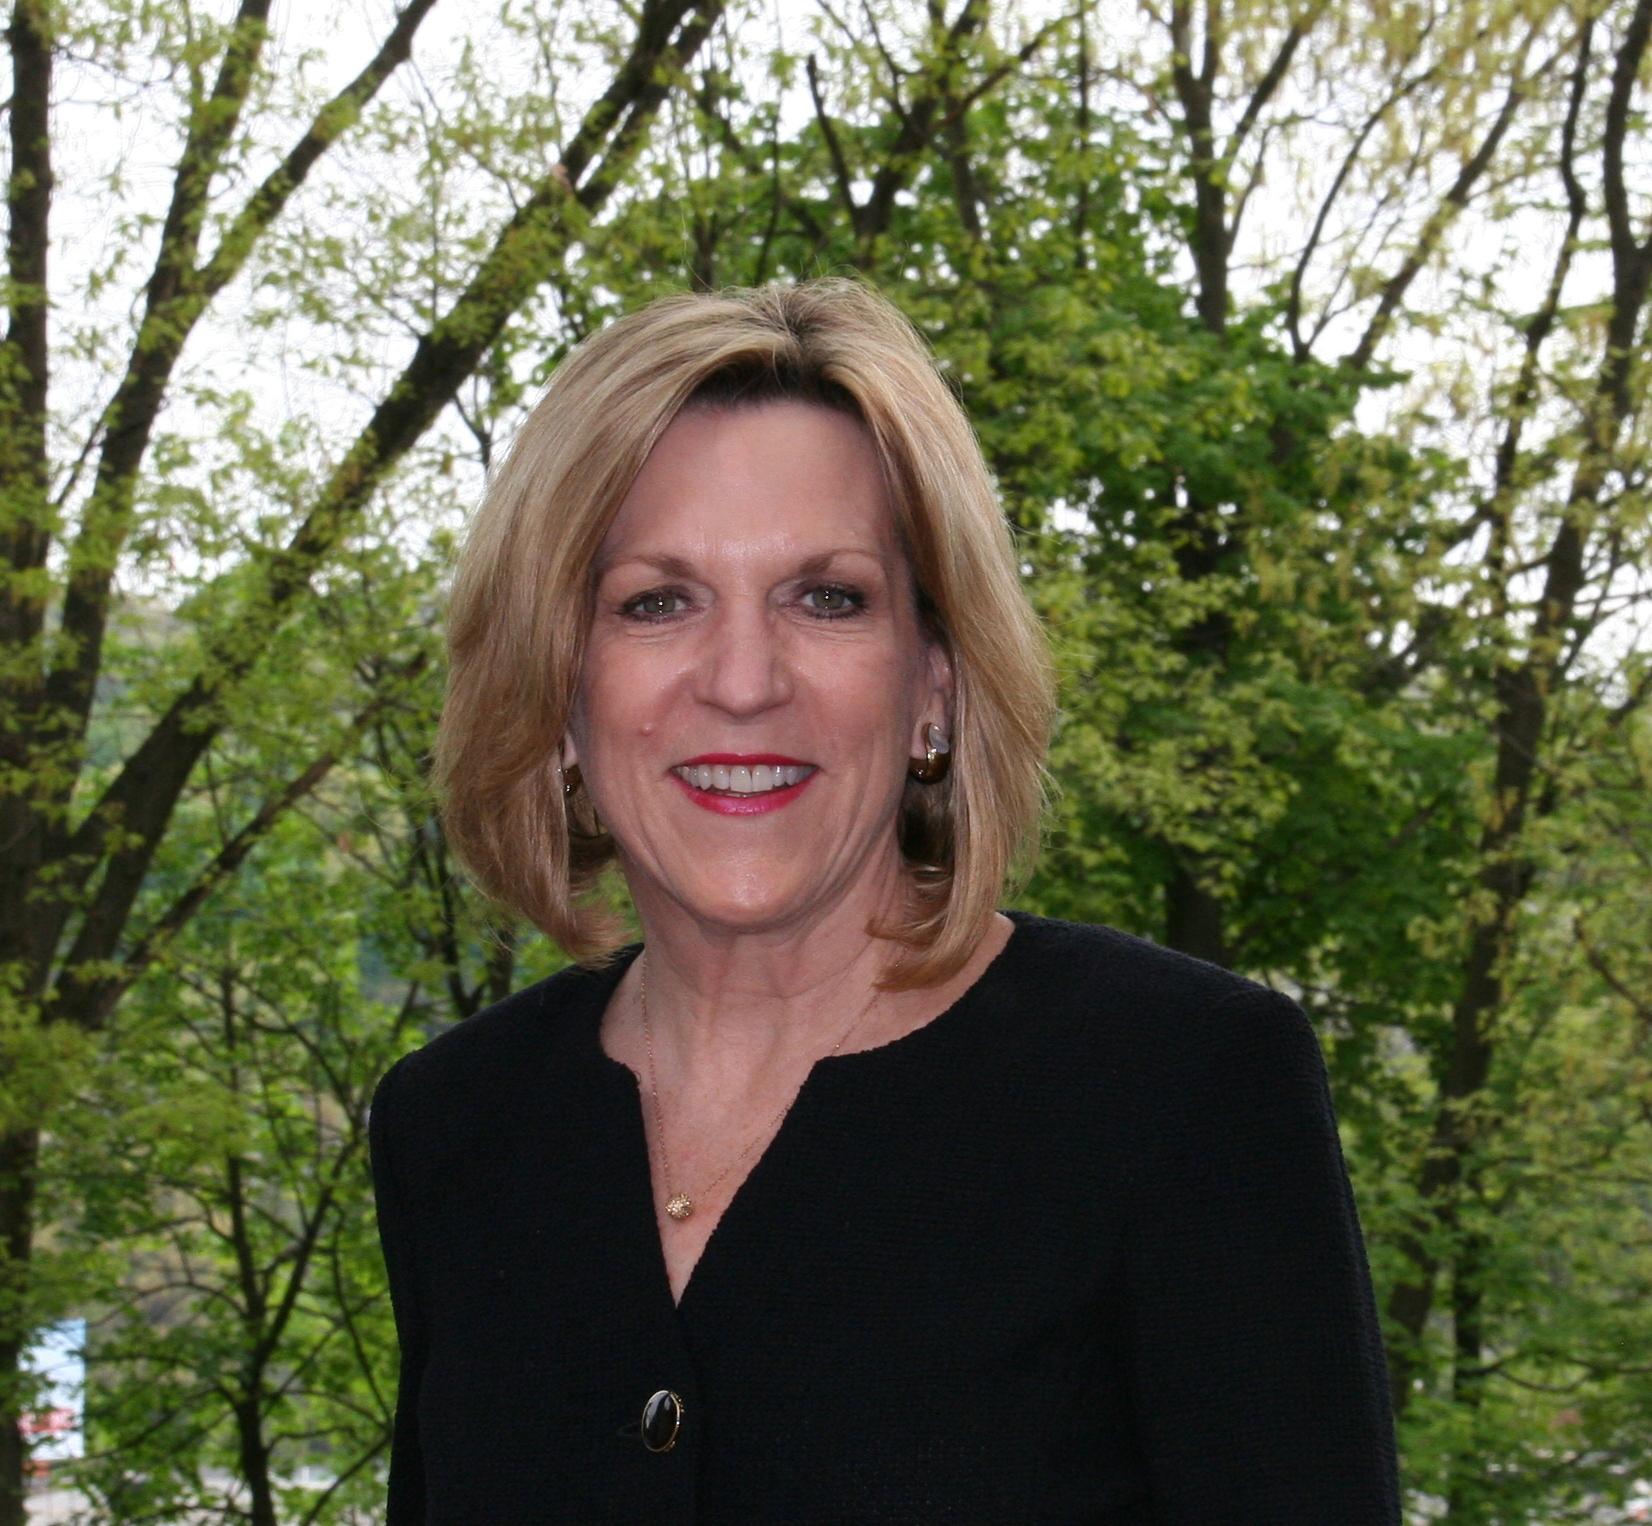 Darlene Stromstad